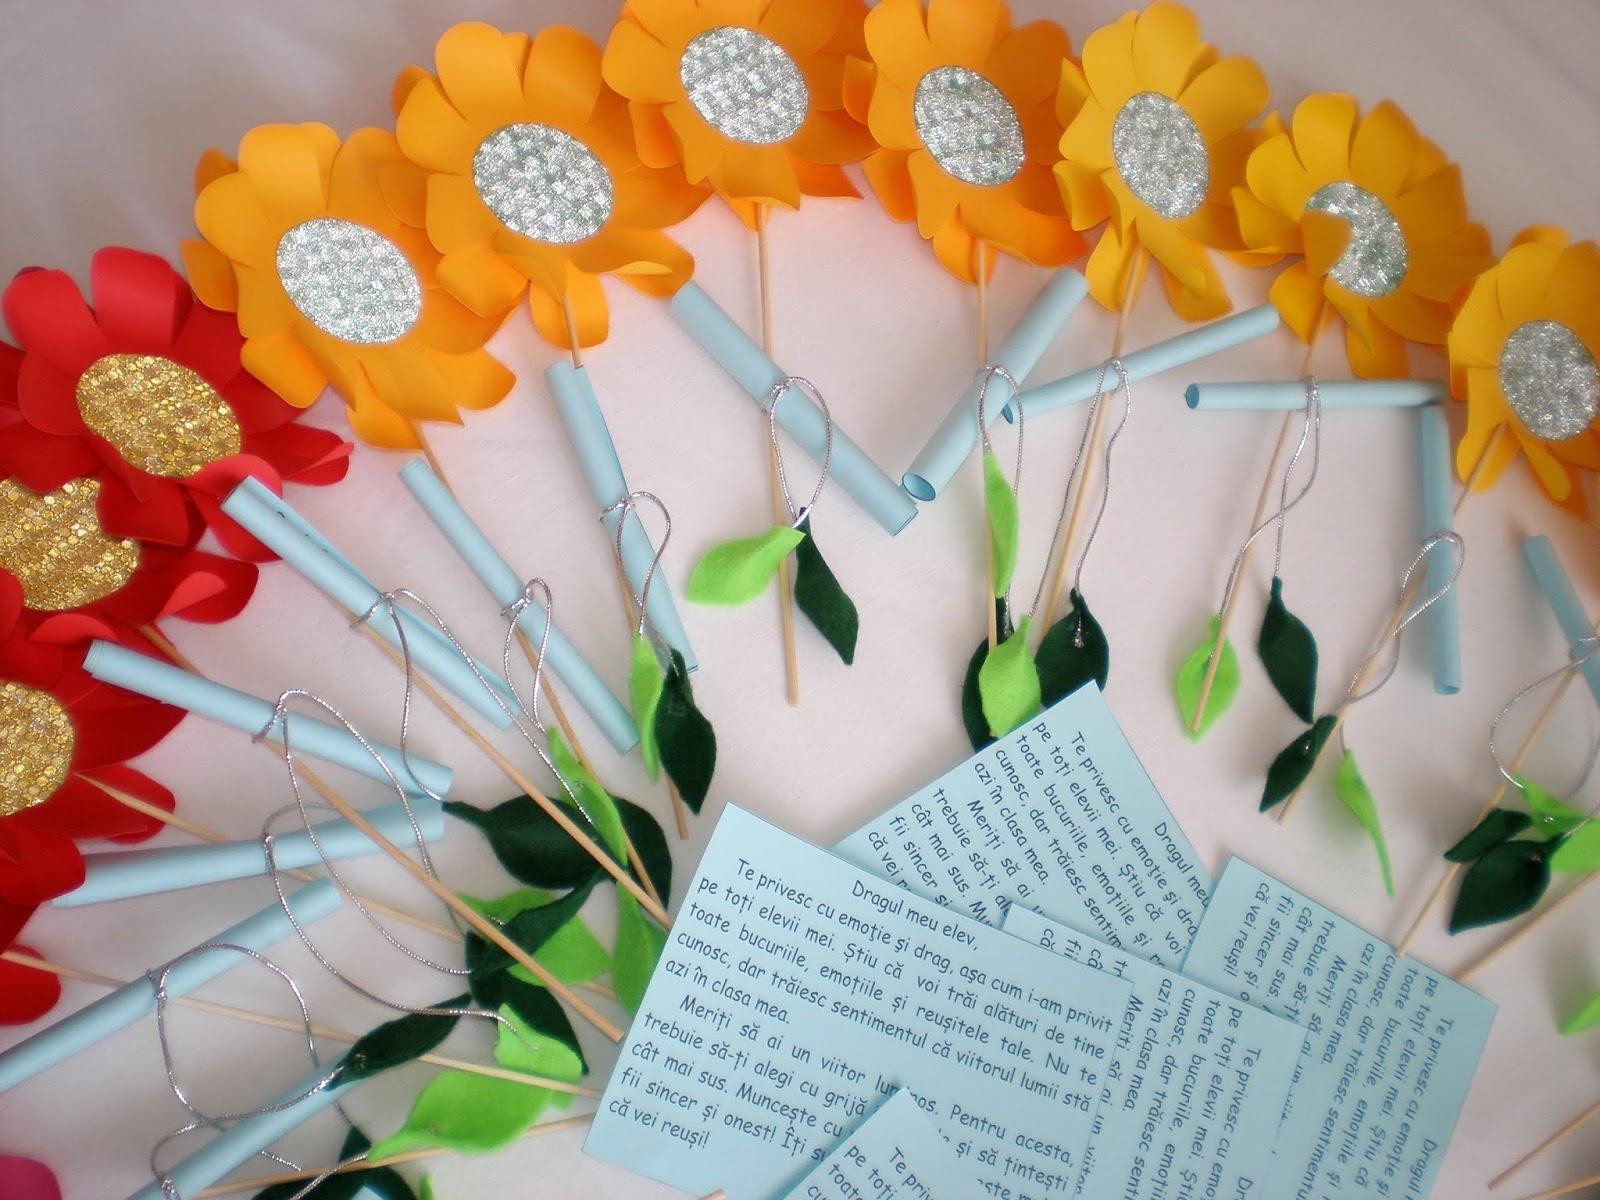 Prima zi de școală- Flori și mesaje motivaționale